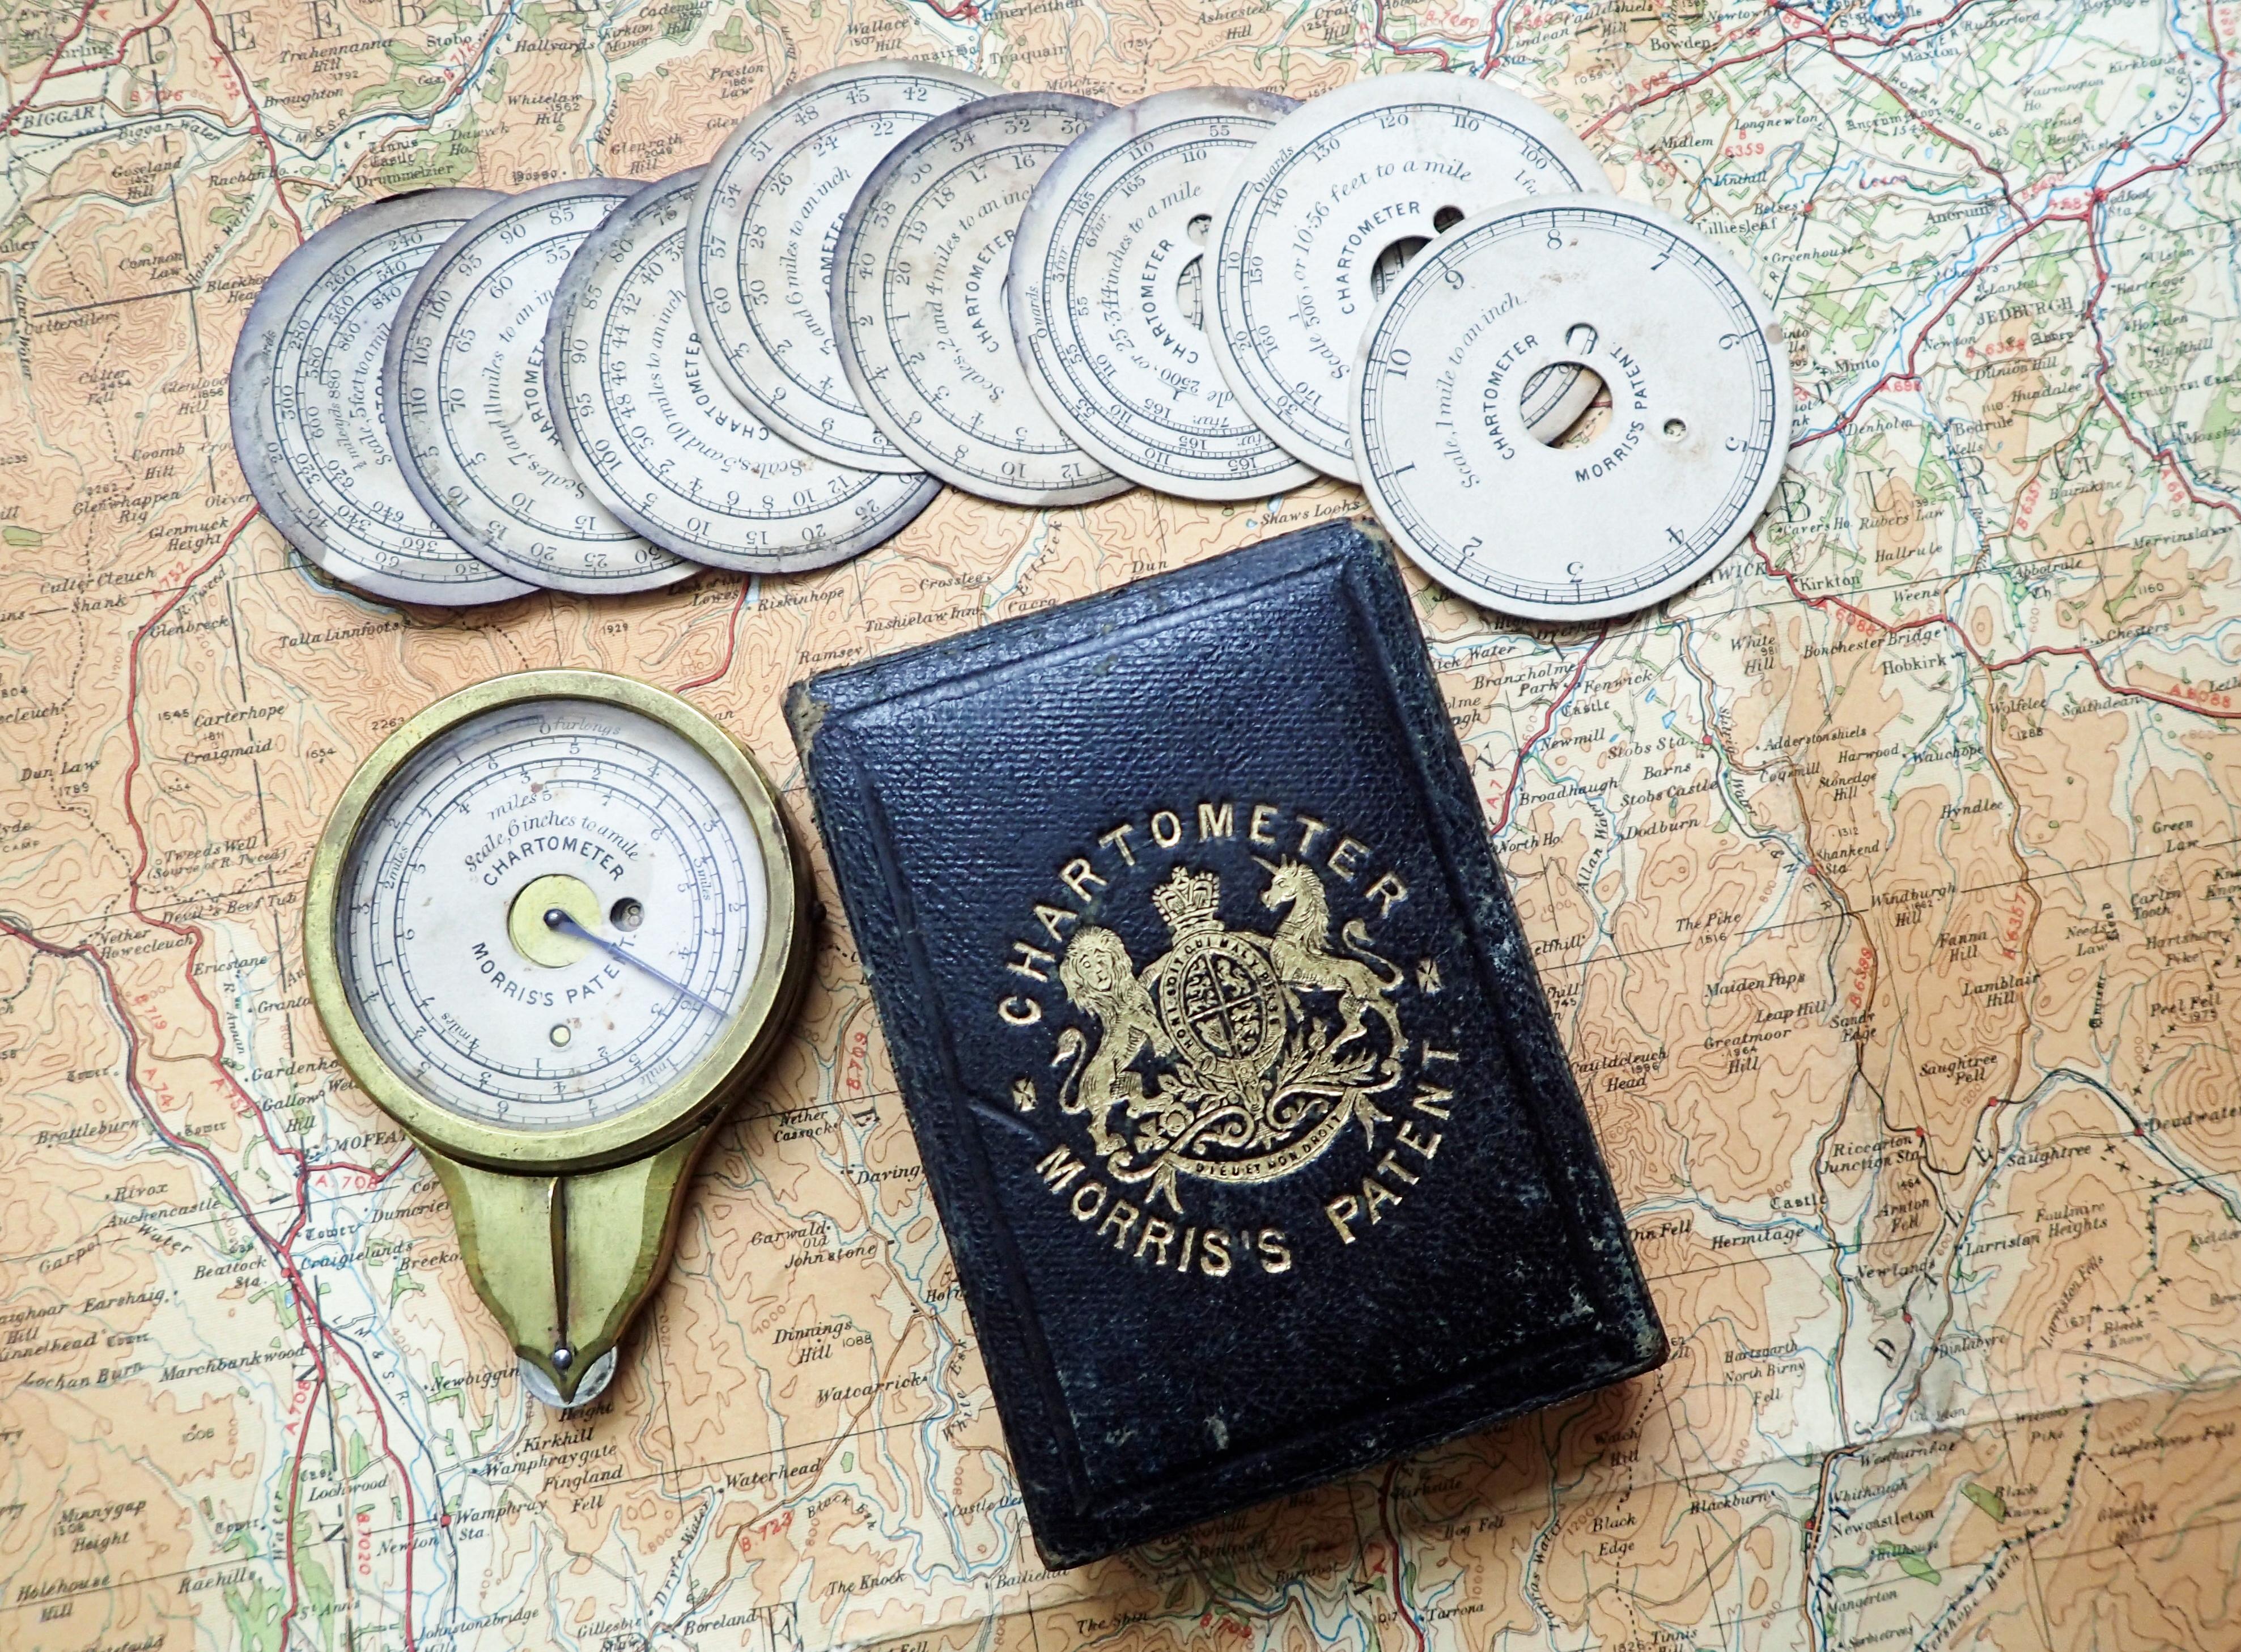 Morris's Patent Chartometer